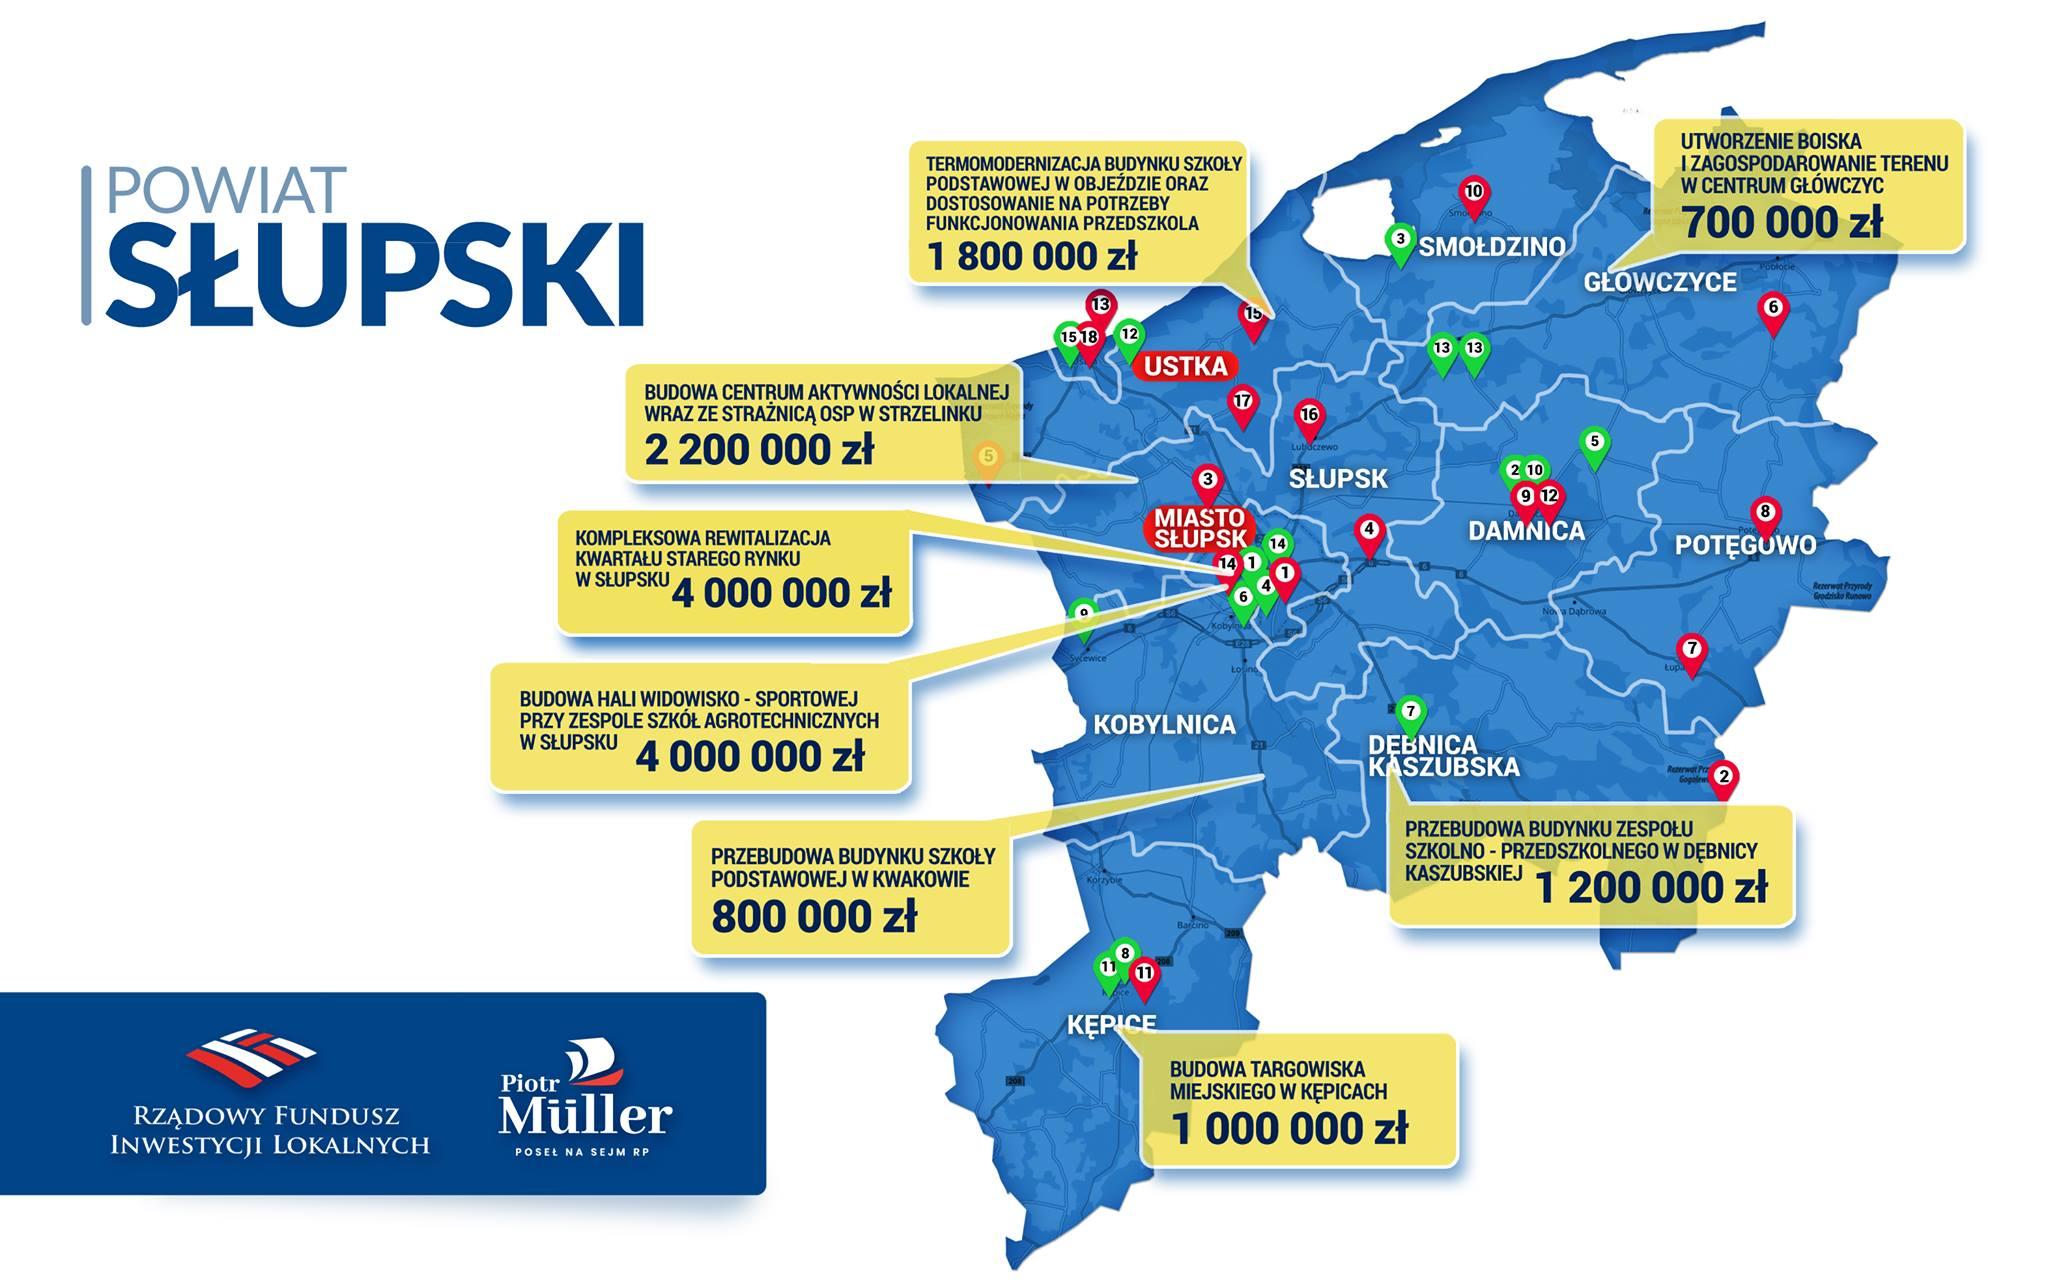 Ponad 15 mln złotych na kolejne inwestycje w regionie słupskim. Łącznie to już 83 mln zł z Rządowego Funduszu Inwestycji Lokalnych dla regionu słupskiego!